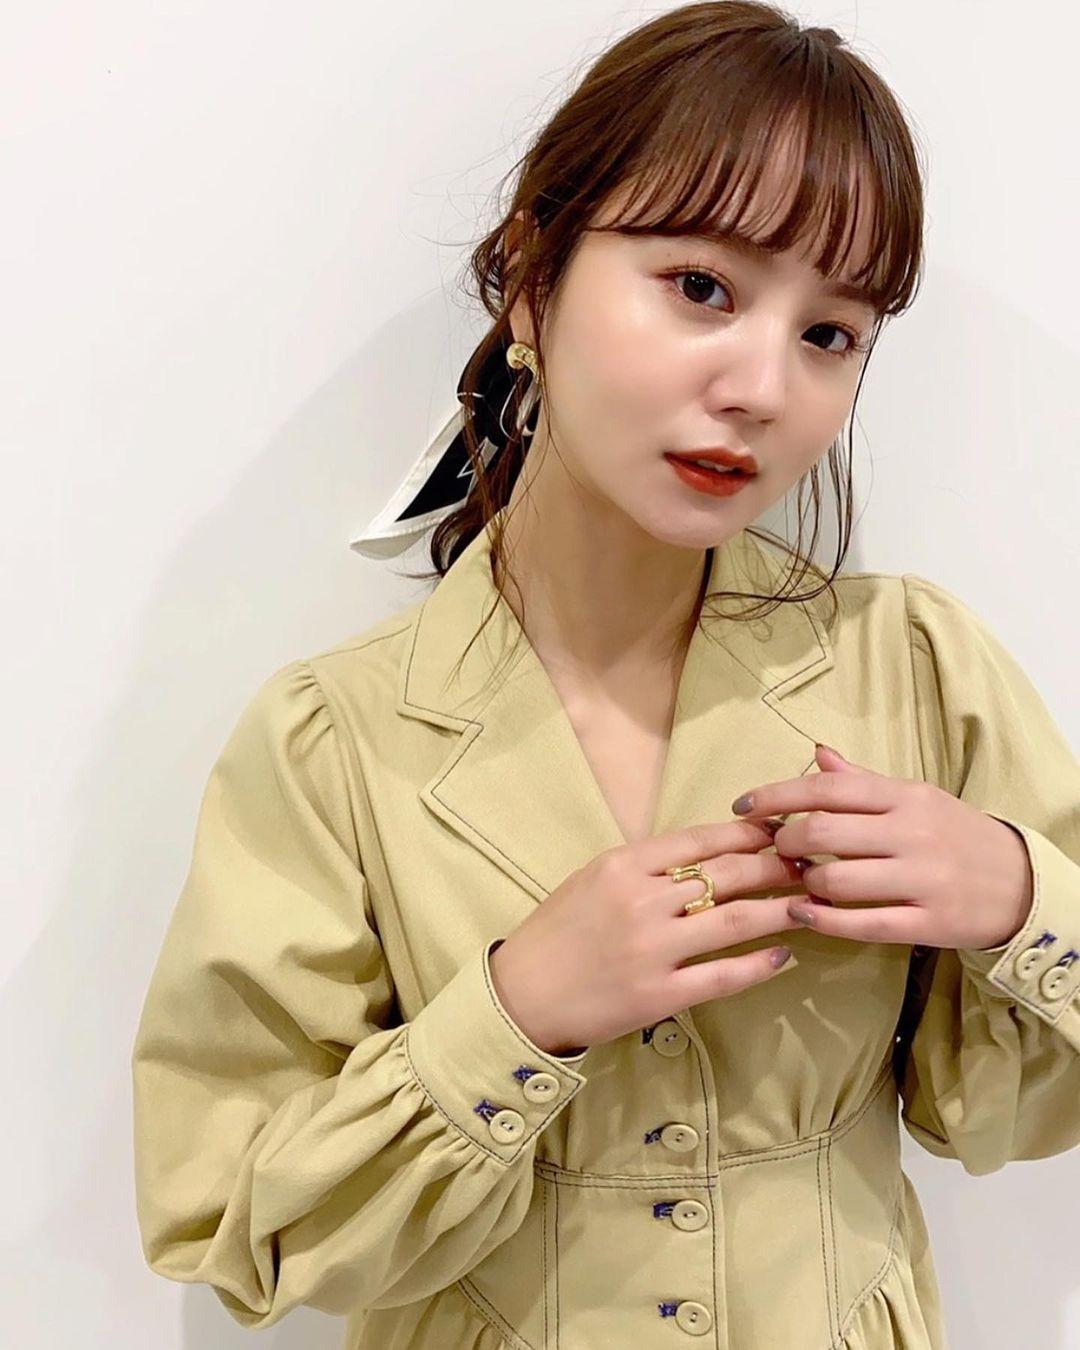 崛北真希妹妹NANAMI新生代清纯女 网络美女 第12张